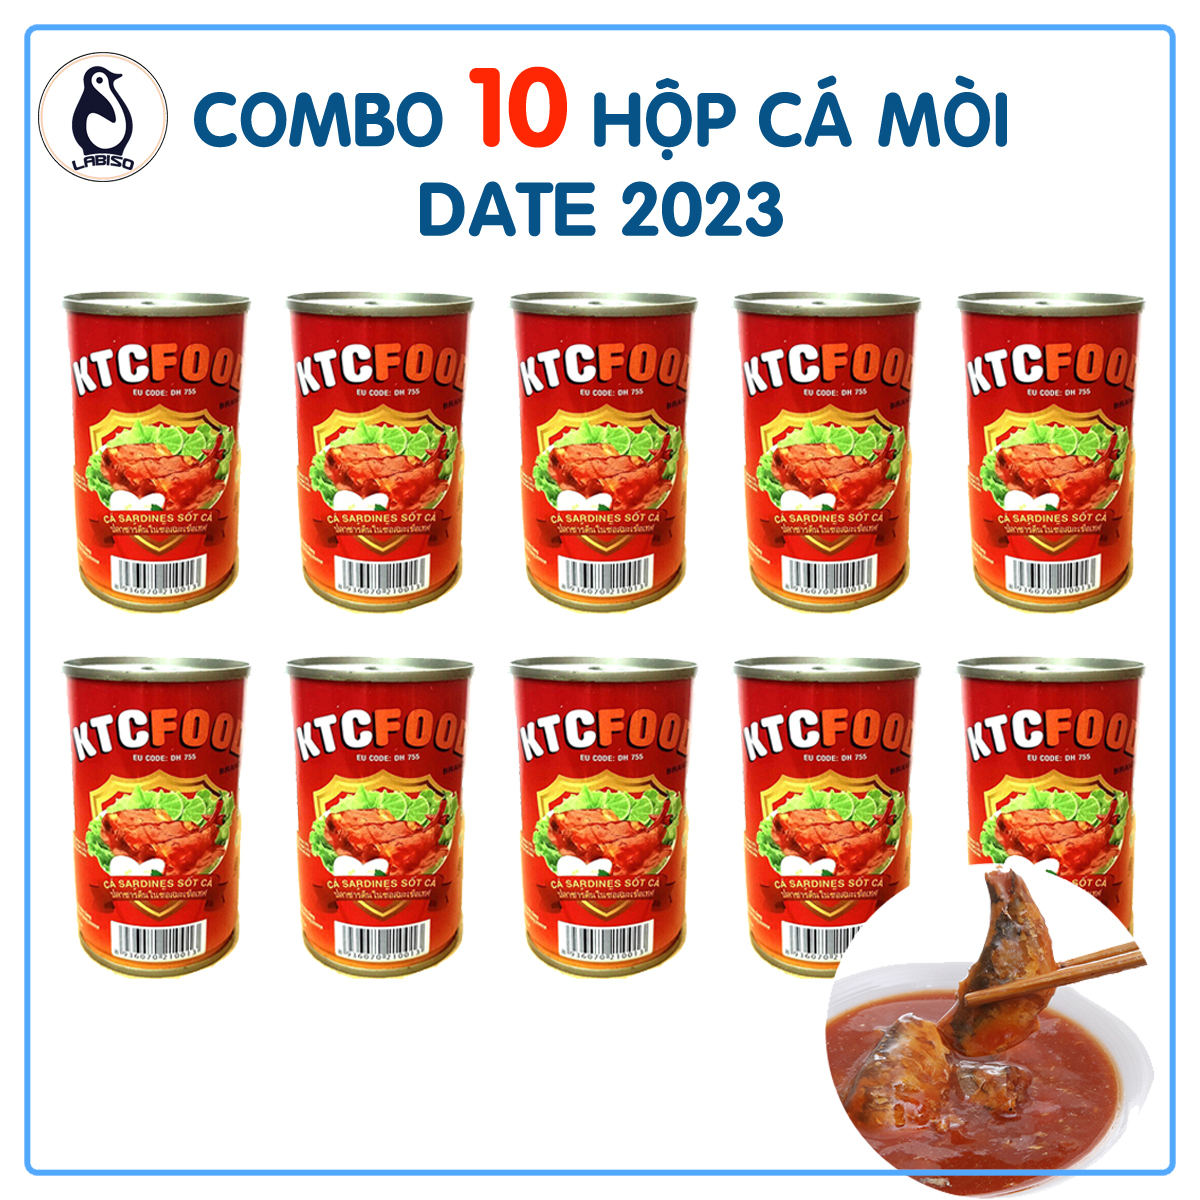 Lốc 10 Hộp Cá Mòi Sốt Cà KTC Hoặc 10 Cá Hi Chef Thái Lan Lon 145-155g, Vị Chua Ngọt, Mềm Xương, Không Cay, Không Ngán, Dùng Ăn Liền, Date 2023